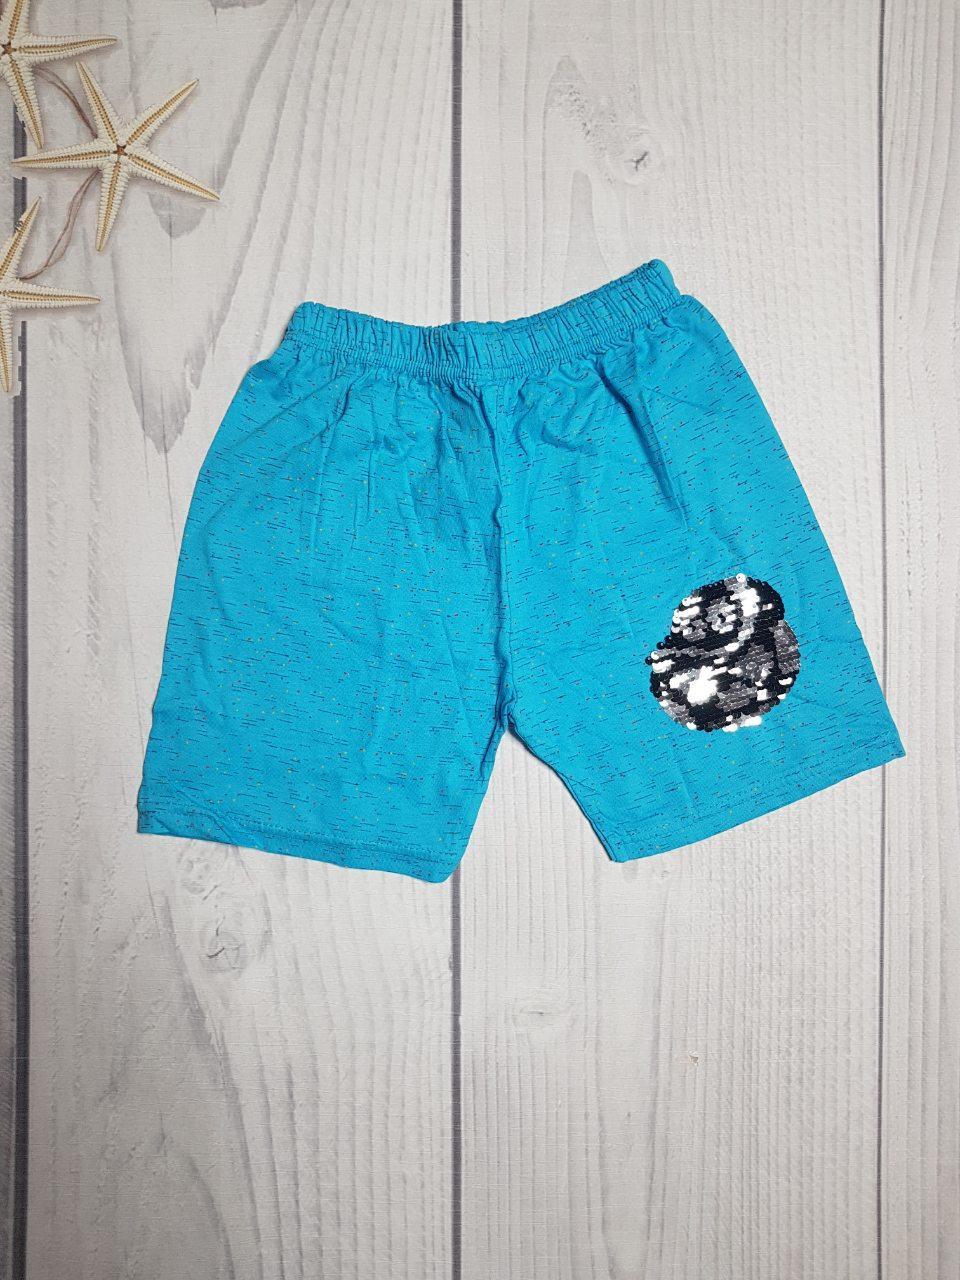 Детские шорты для мальчика с пайетками перевёртыш 5-8 лет